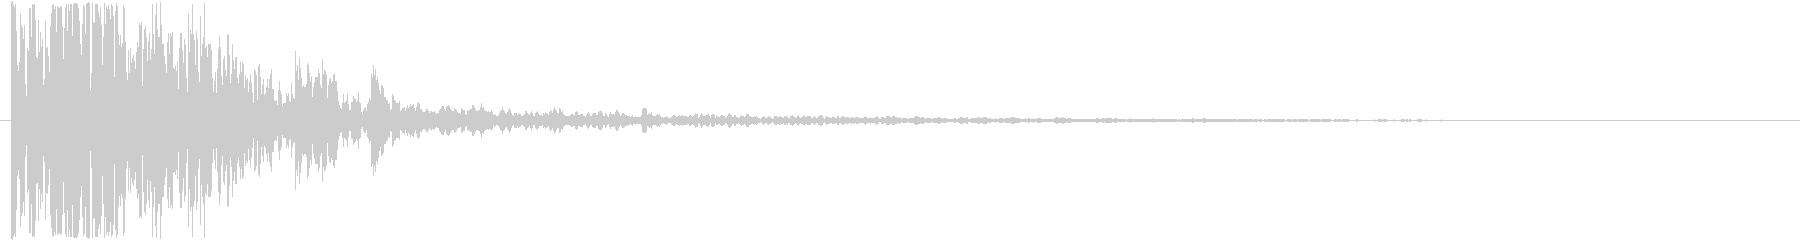 衝撃 ドアスラムホラーラージ02の未再生の波形